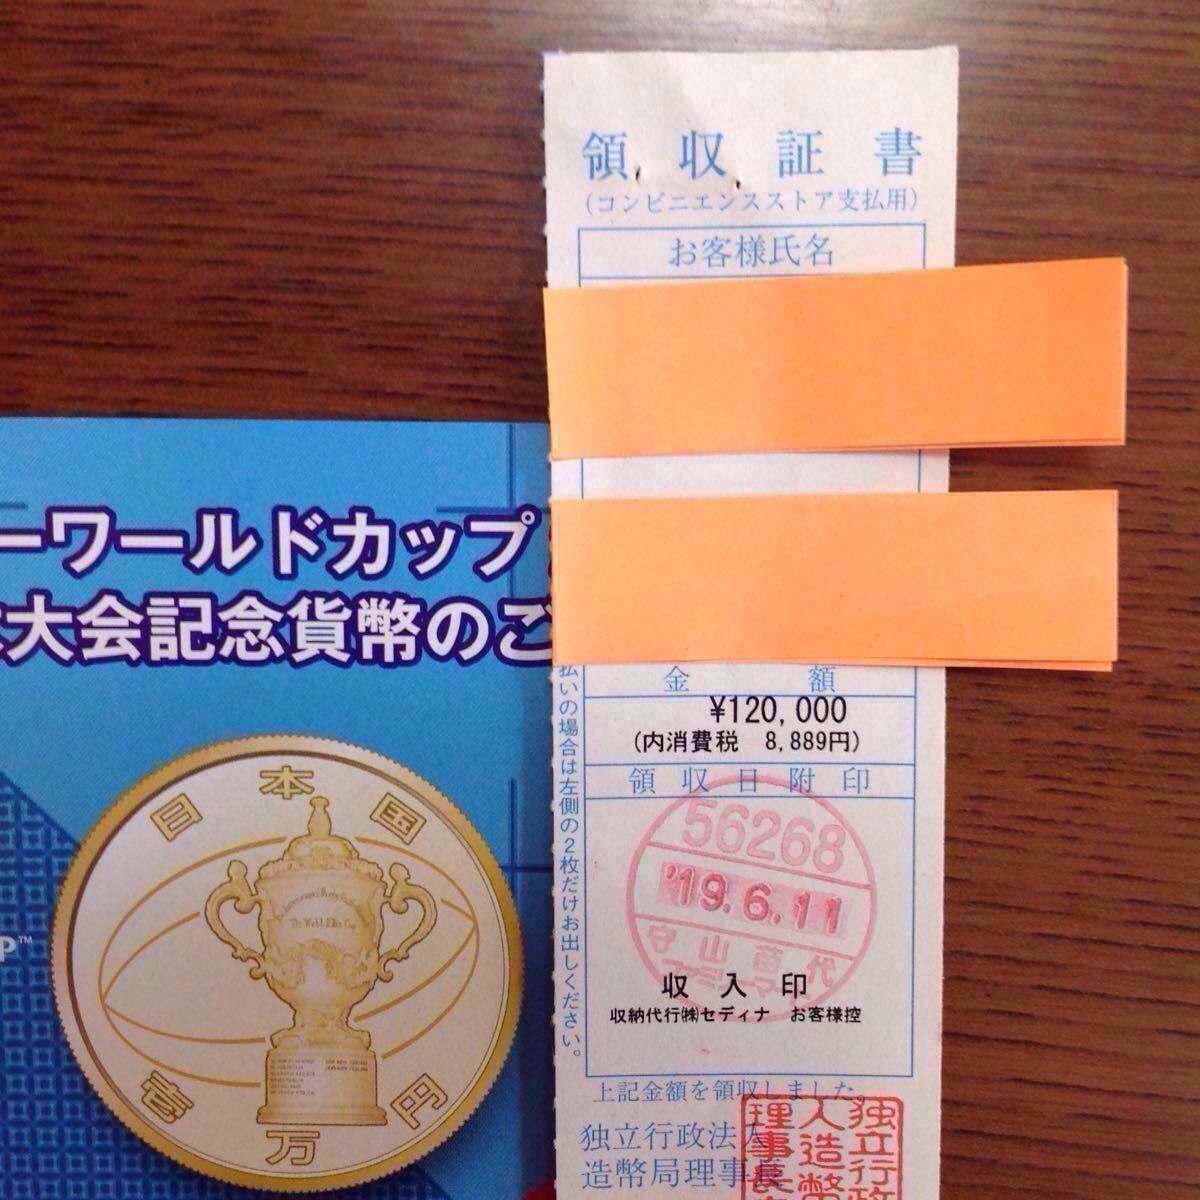 ●ラグビーワールドカップ2019TM日本大会記念 一万円 金貨幣 1万円 金貨 新品 未開封